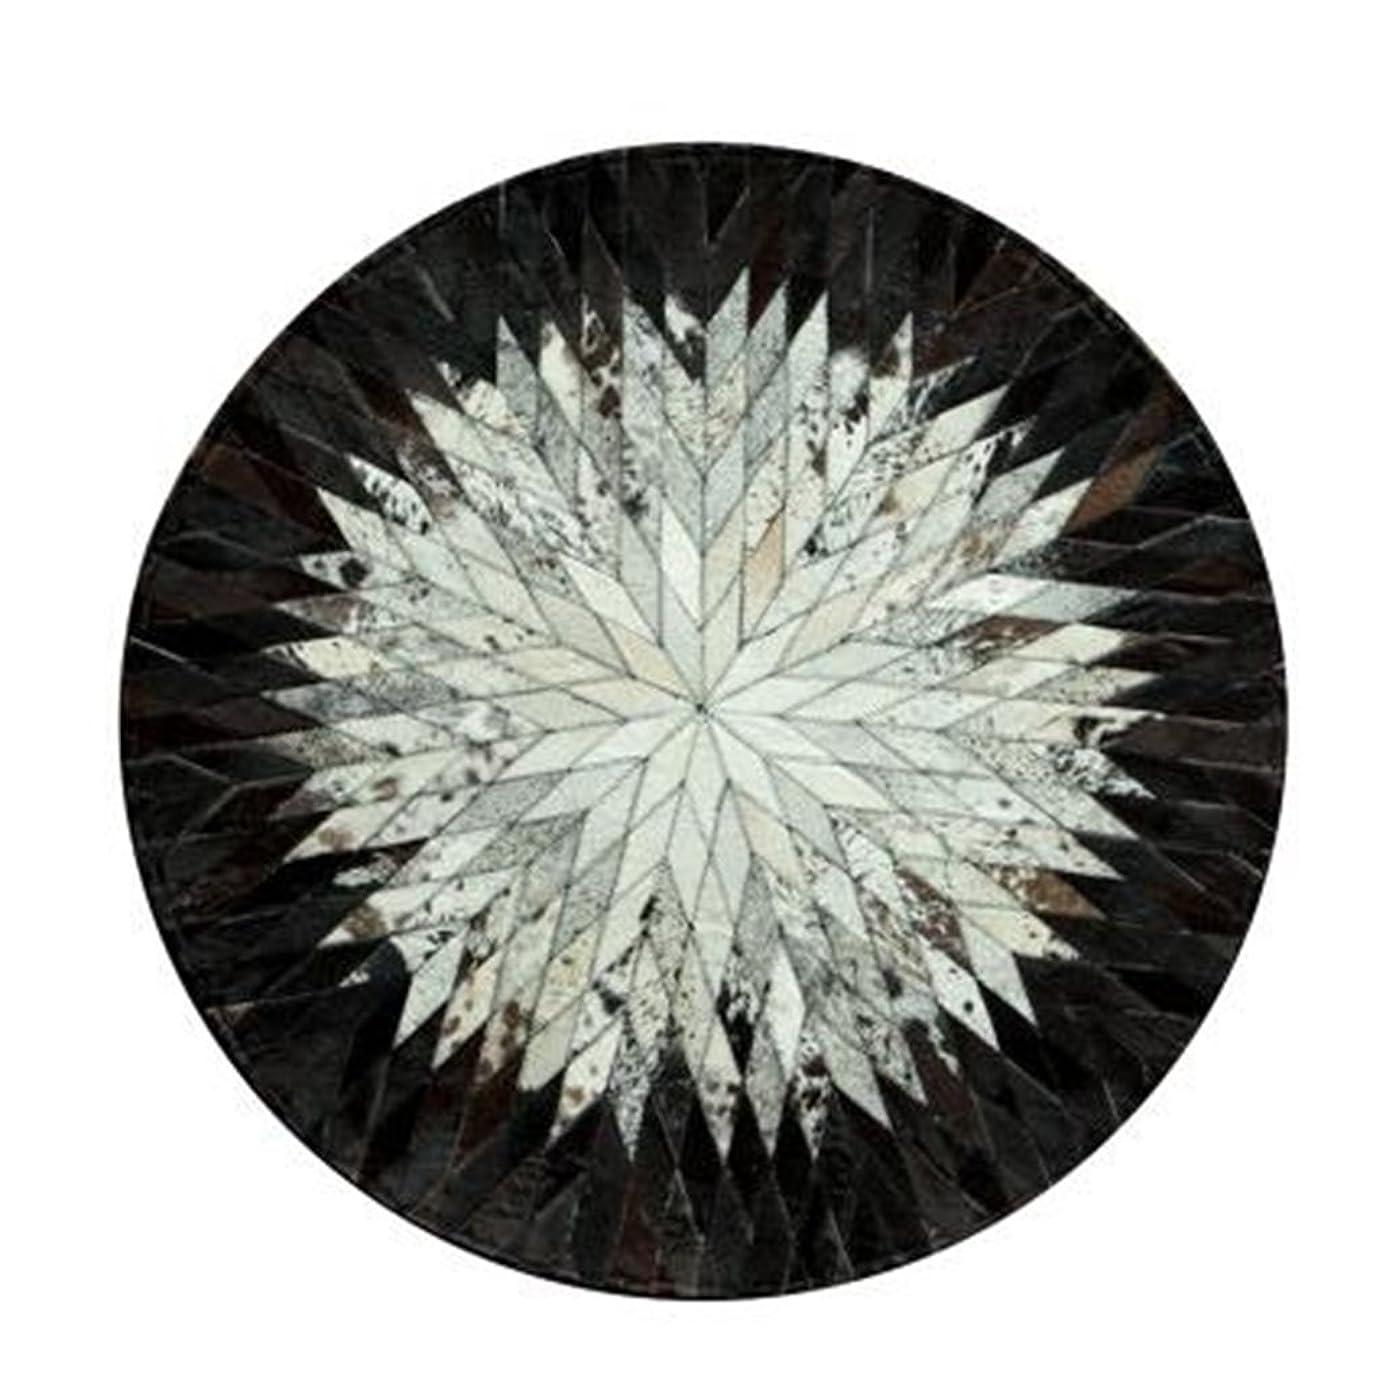 リンケージどれ危機レザーステッチラウンドラグスタディノルディックリビングルームコーヒーテーブルベッドルームベッドサイドカーペットタイルマット(白と黒のストライプ) (サイズ さいず : Diameter 150cm)